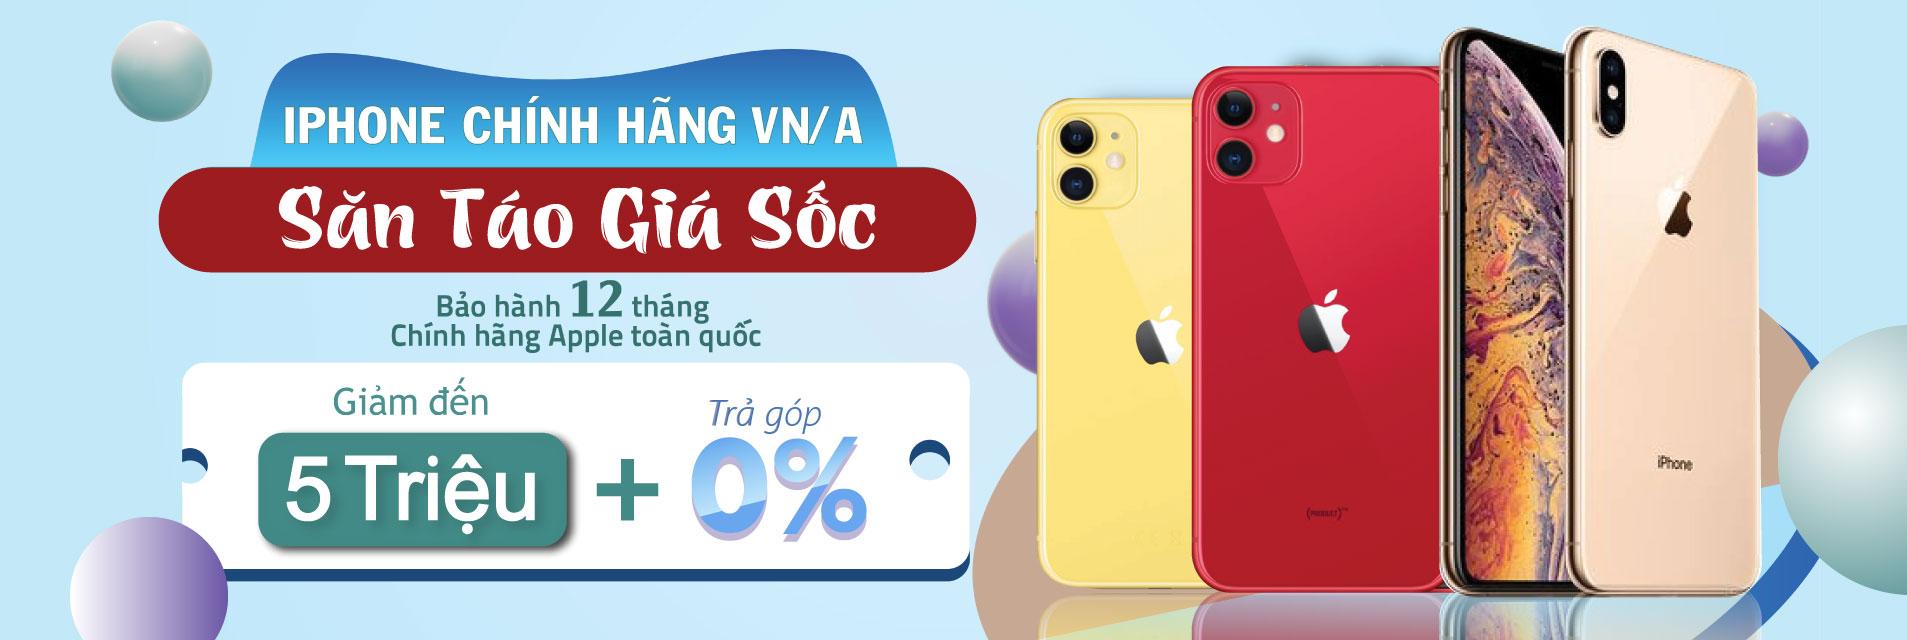 iPhone Chính Hãng VNA Giá Siêu Sốc